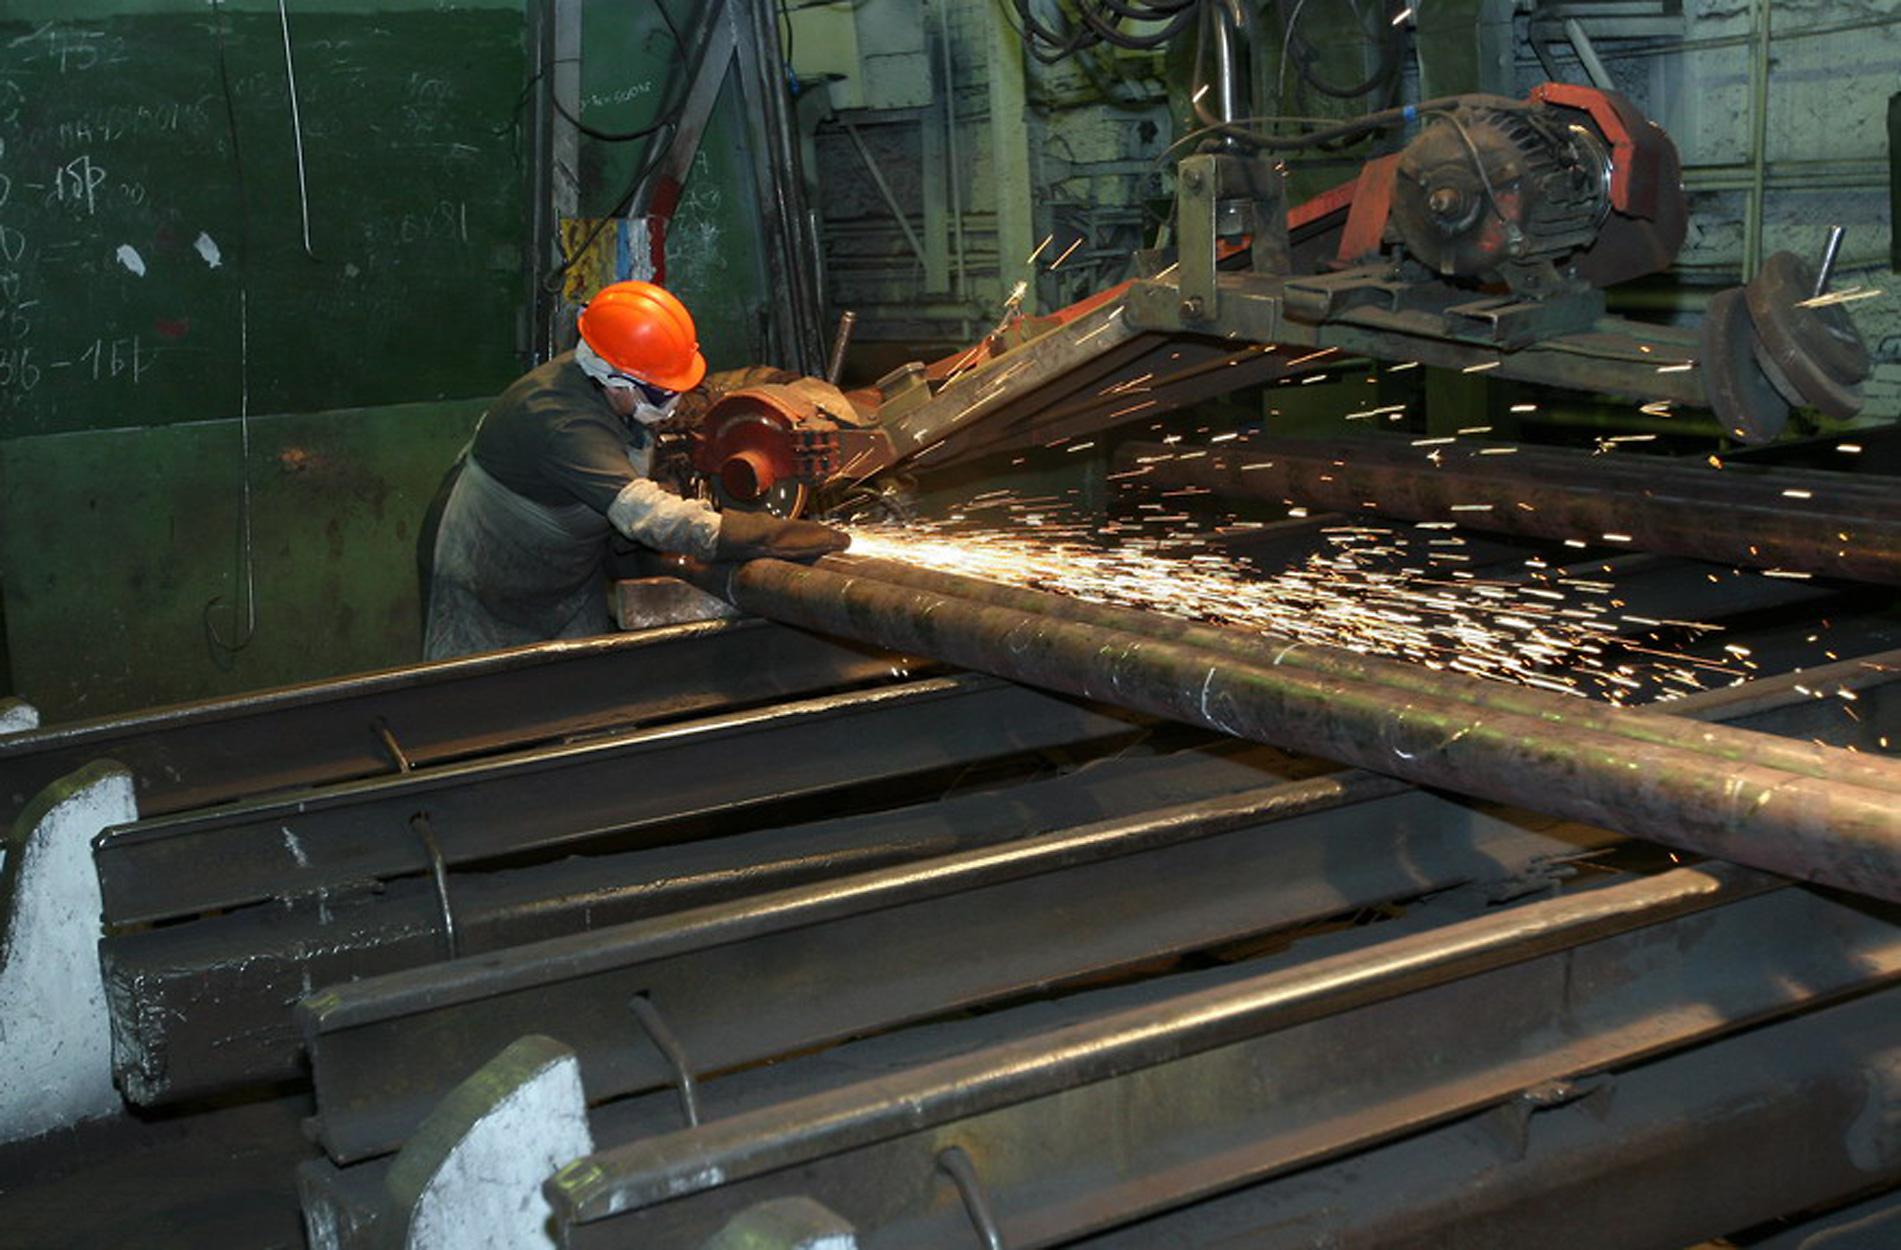 «В целом, в текущем году загрузка завода выросла по сравнению с 2008-2009 годами, - прокомментиро